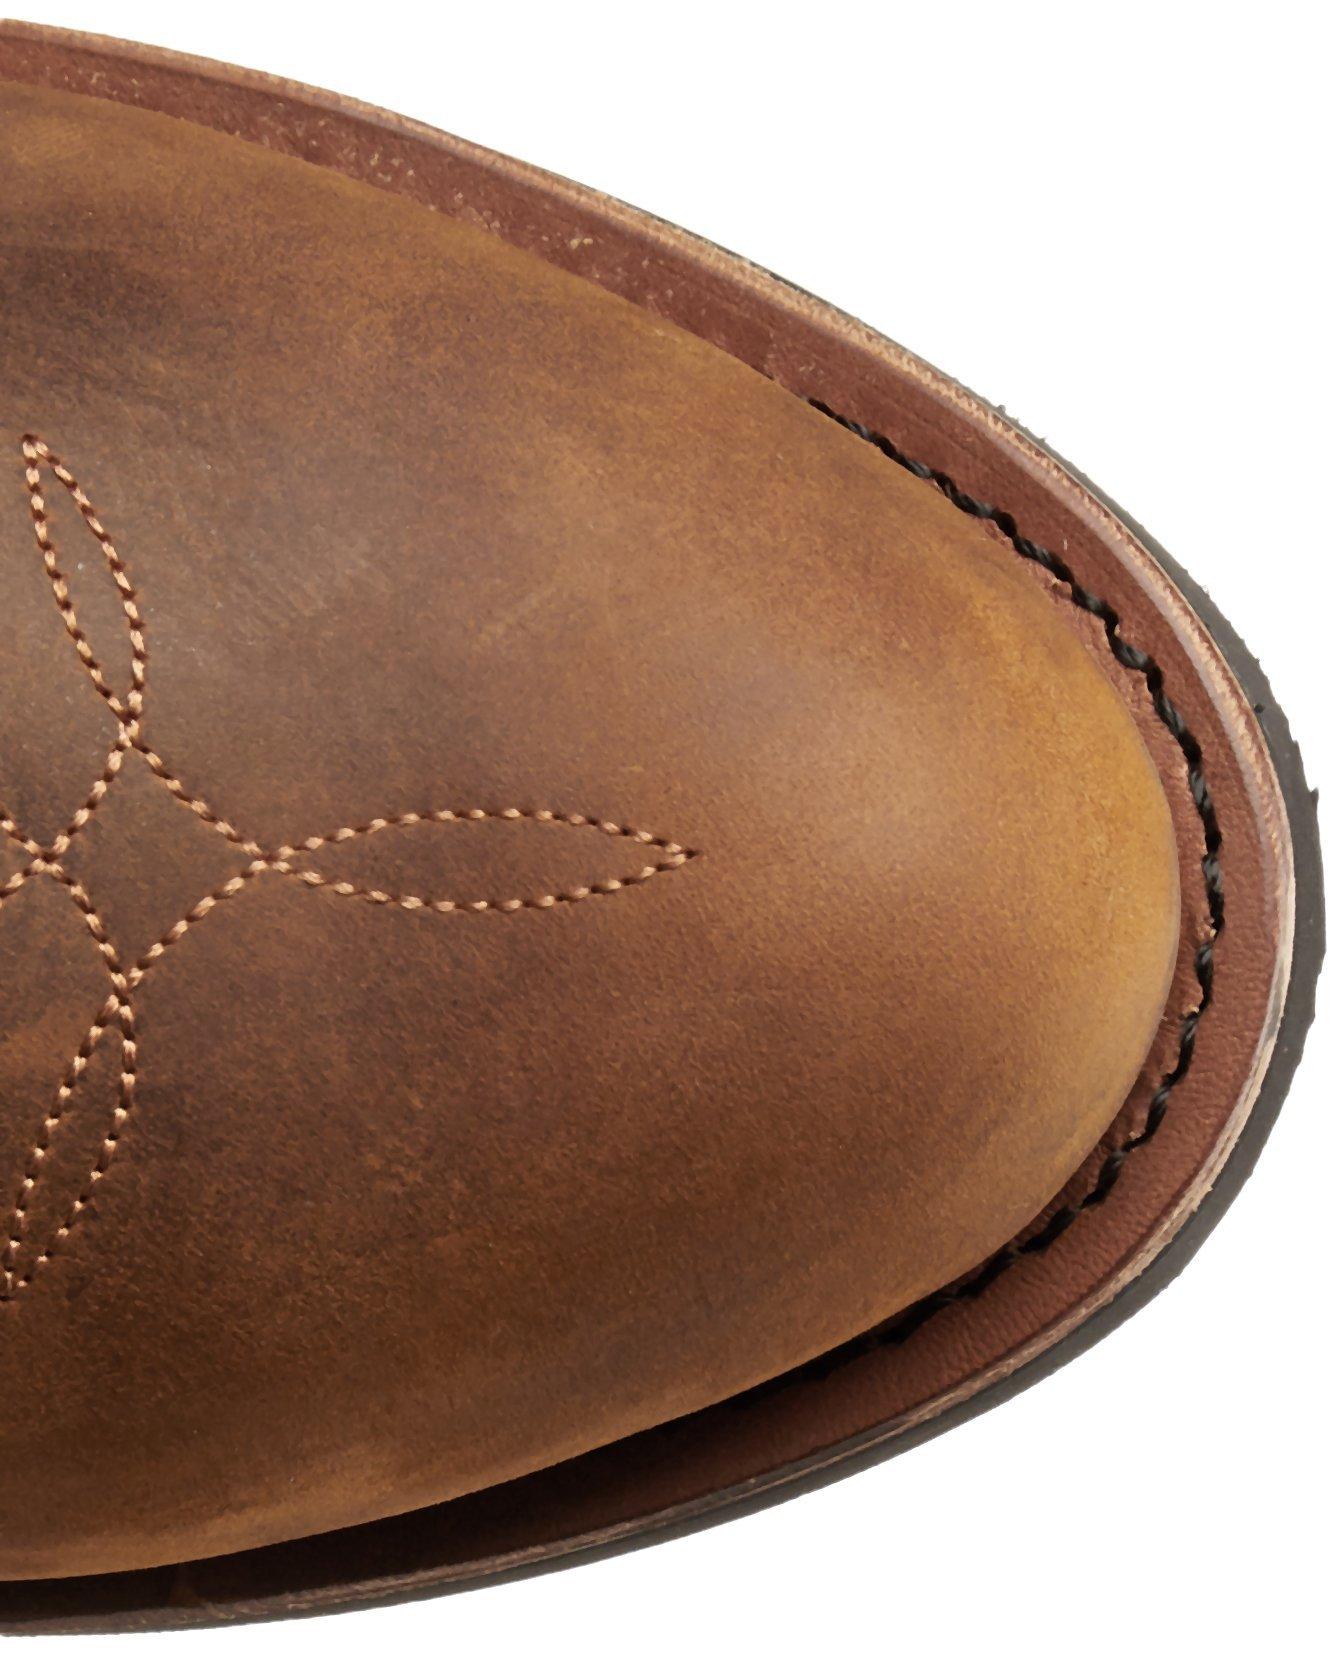 Dan Post Men's Albuquerque Waterproof Boot,Mid Brown Oily,11  EW US by Dan Post Boot Company (Image #8)